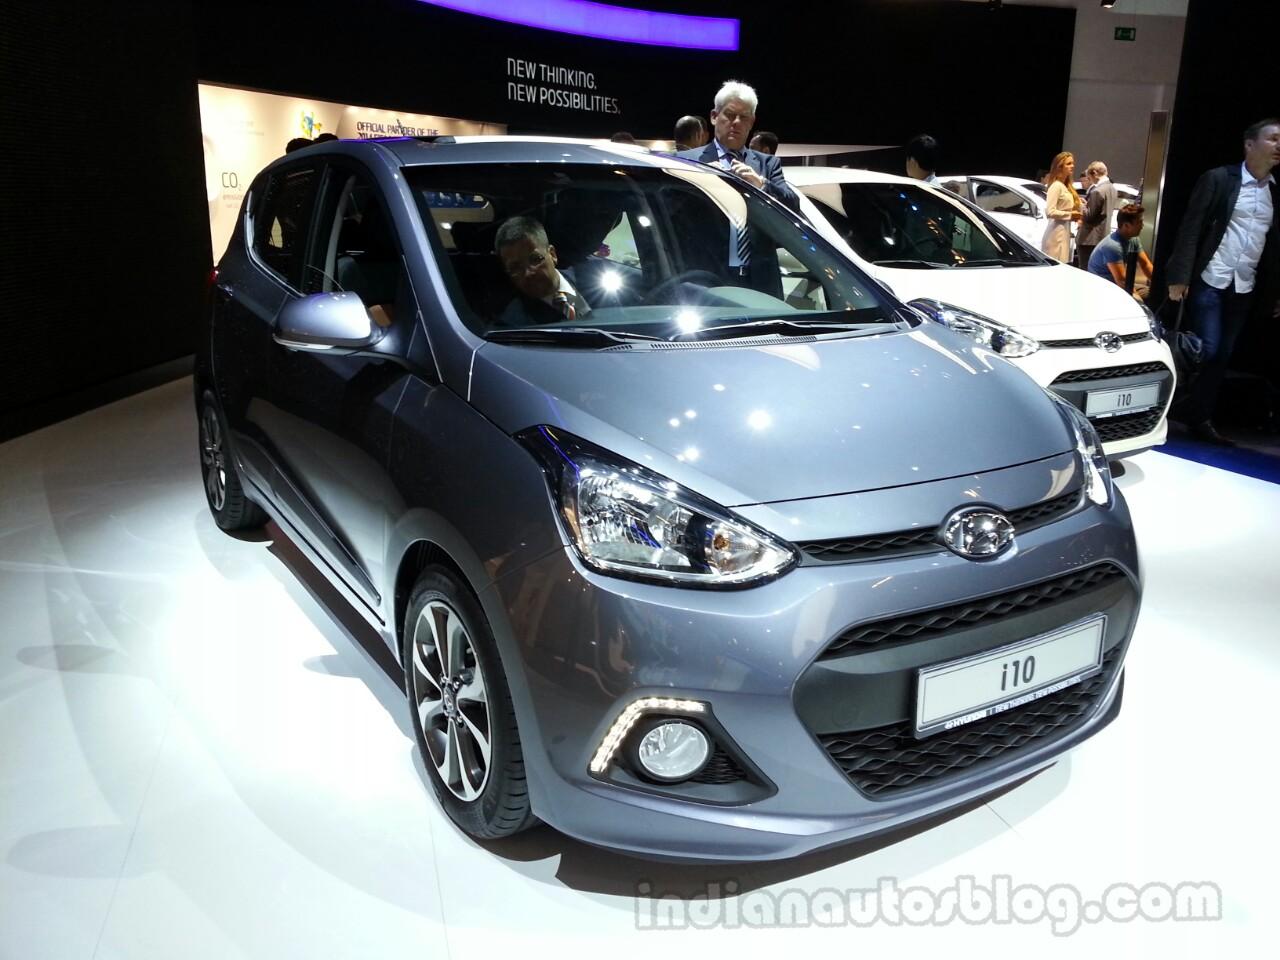 2014 Hyundai i10 Front Left